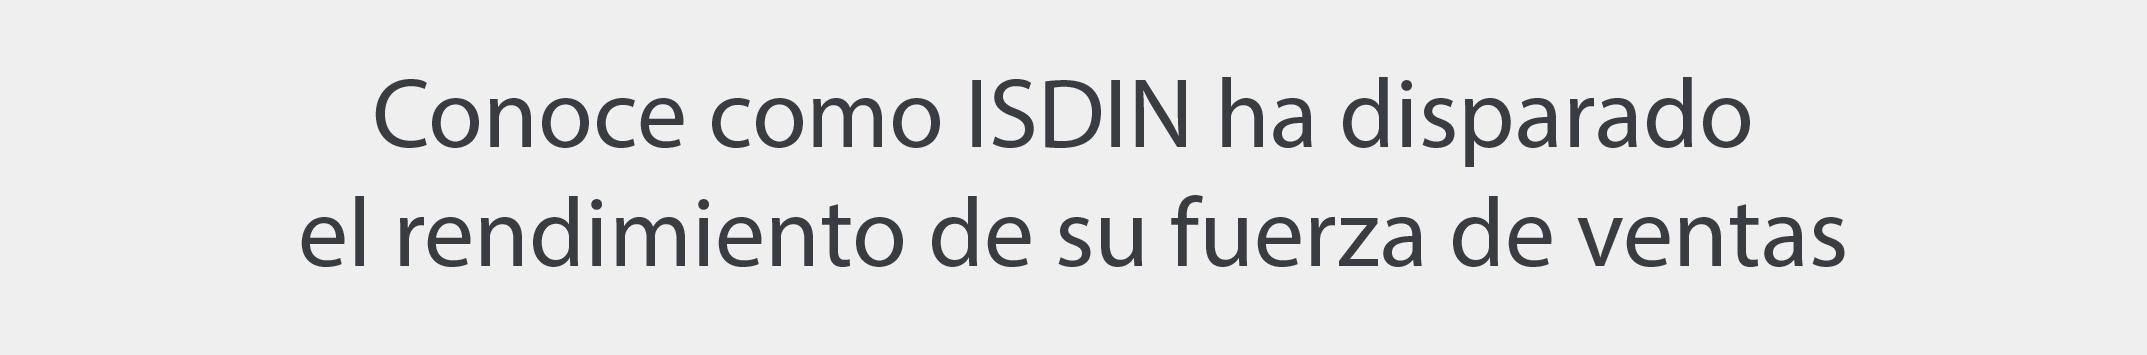 ISDIN dispara el rendimiento de su fuerza de ventas